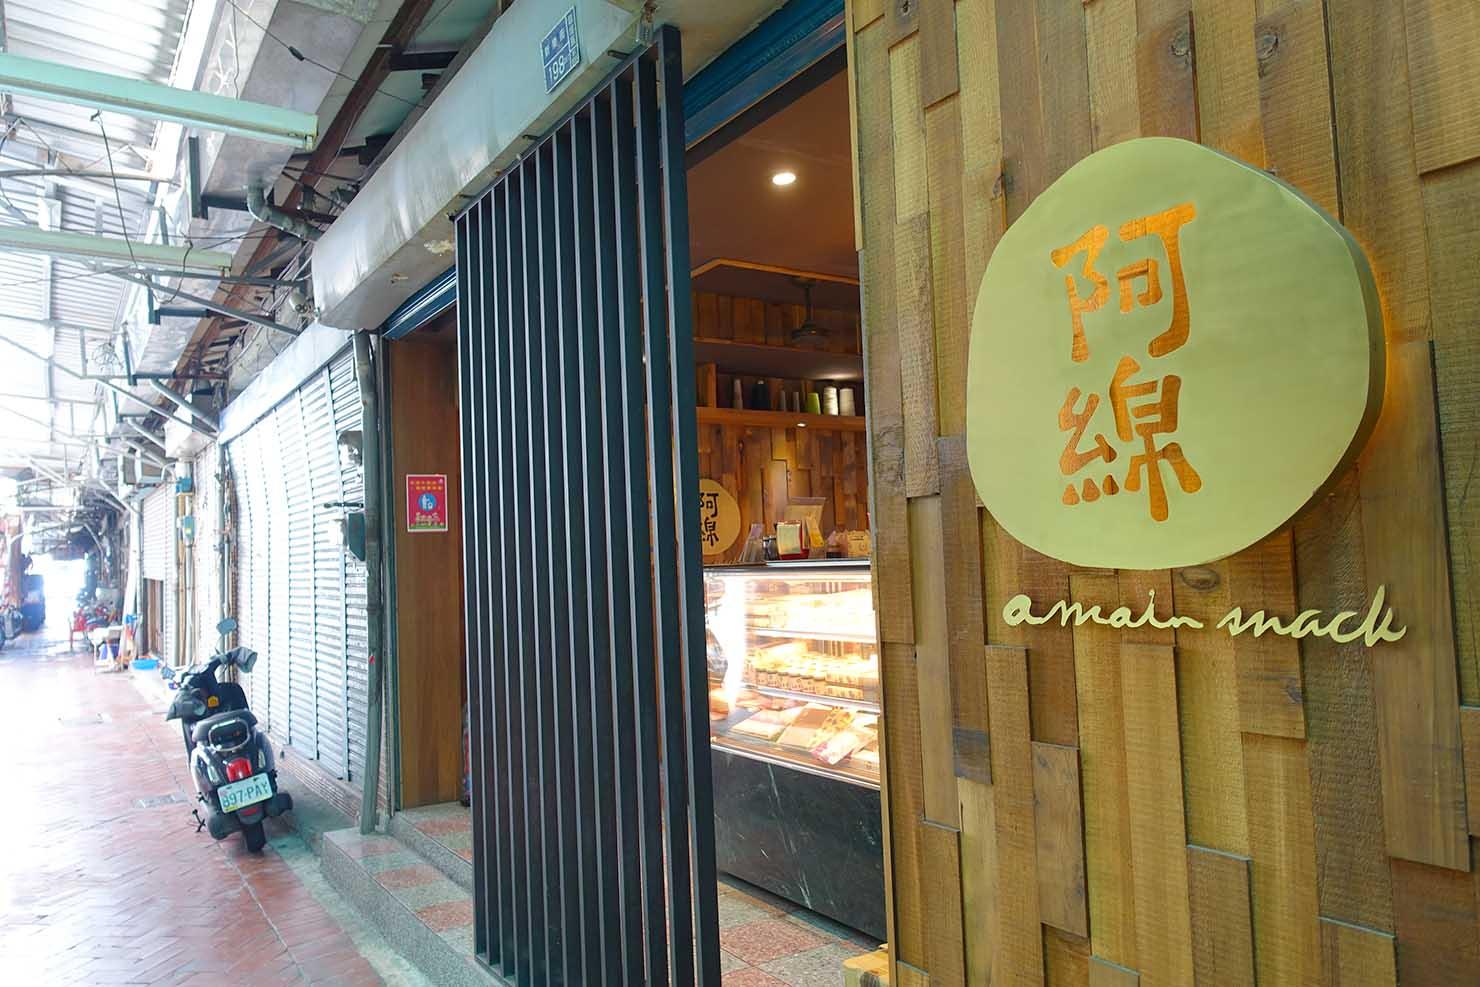 高雄の伝統台湾グルメエリア・鹽埕埔「阿棉麻糬」の外観